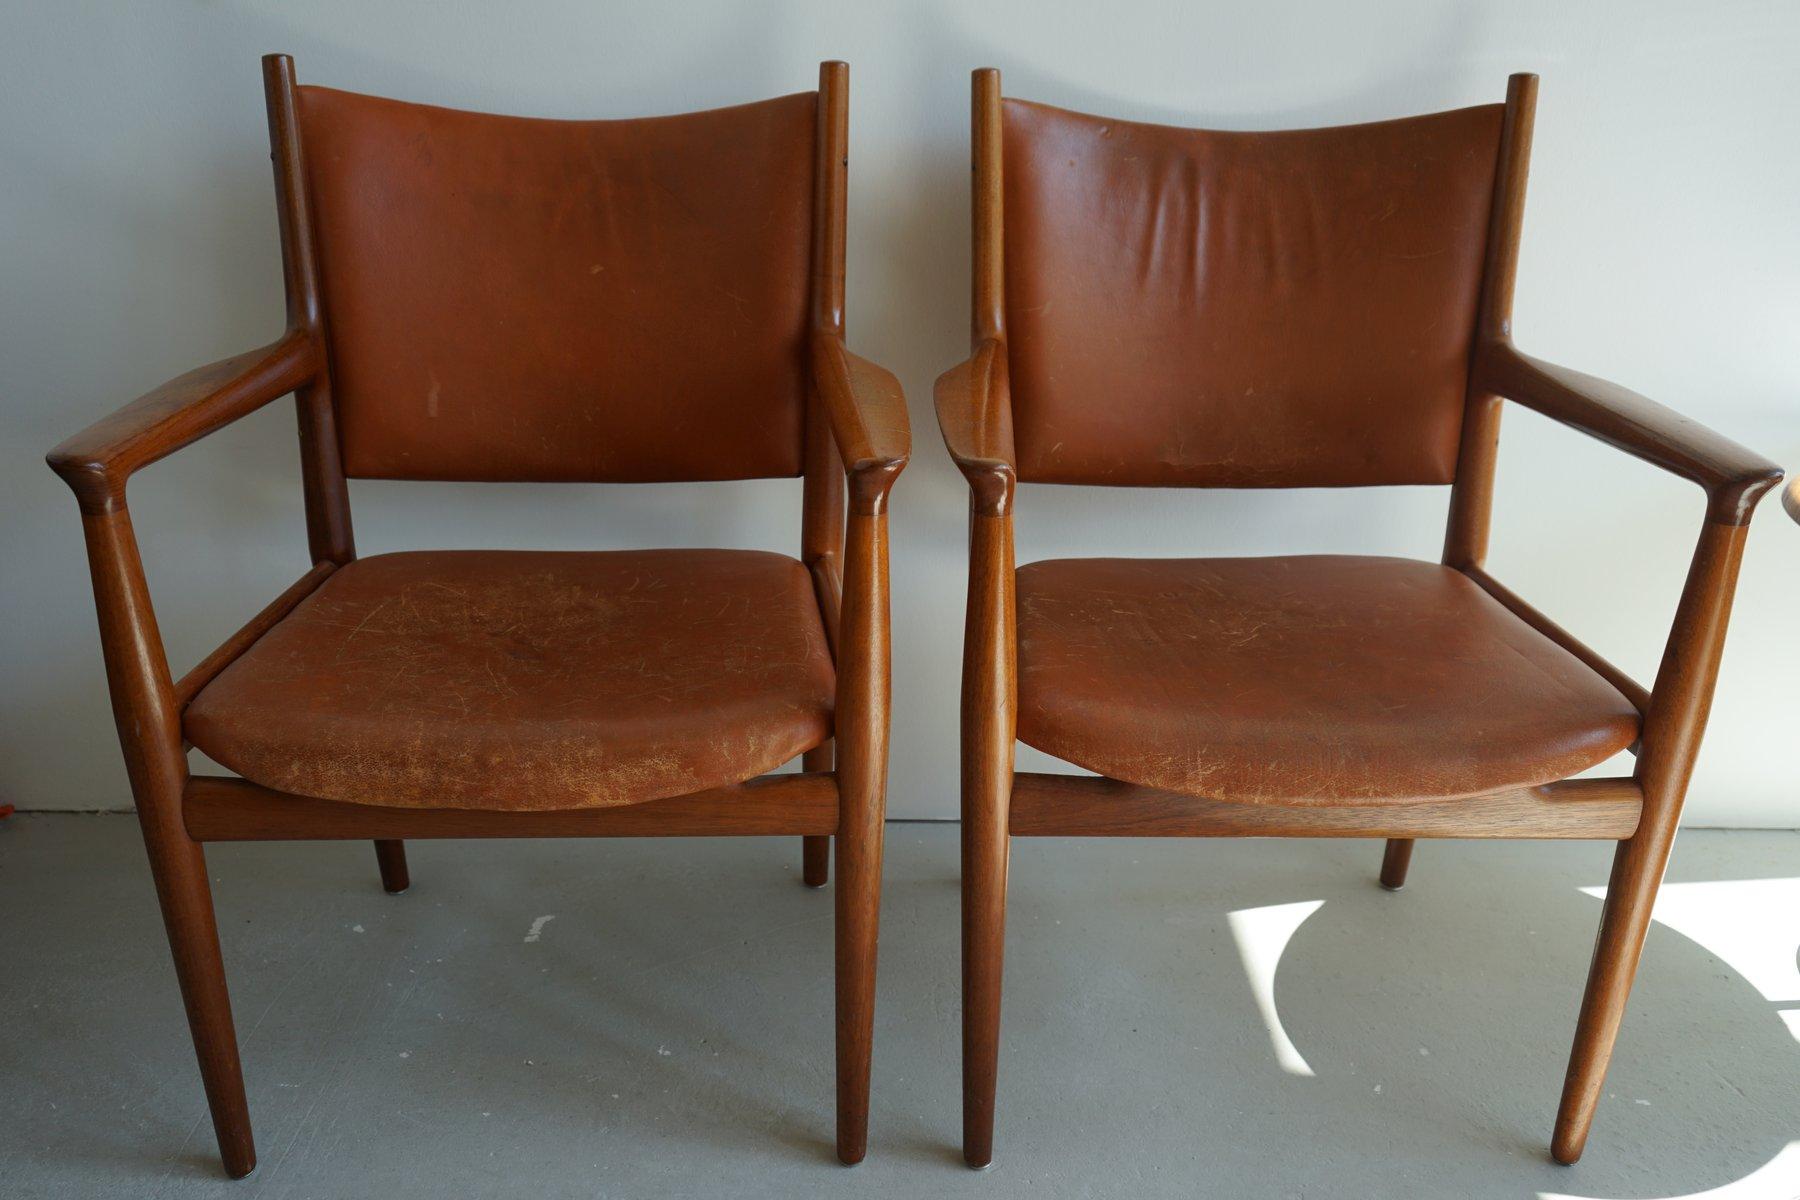 chaise jh 713 mid century par hans wegner pour johannes hansen en vente sur pamono. Black Bedroom Furniture Sets. Home Design Ideas